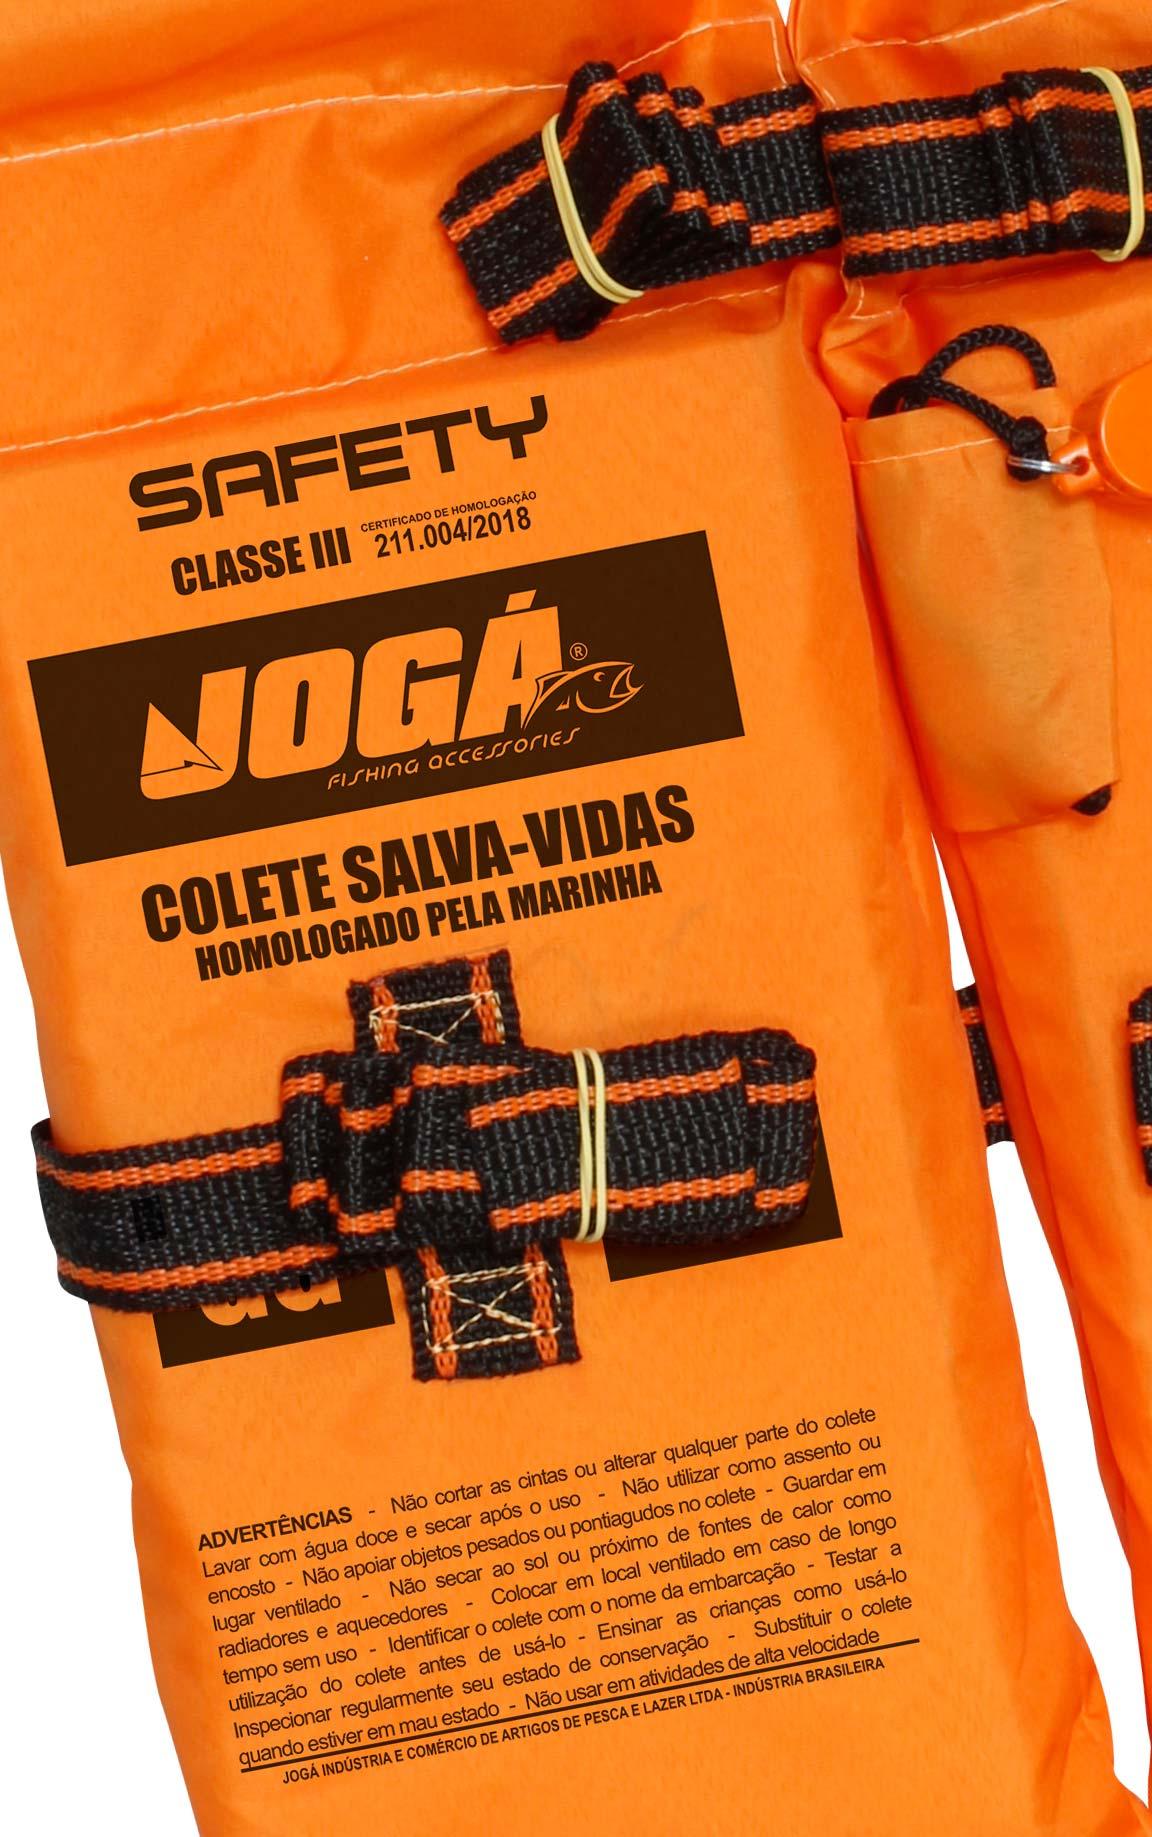 Colete Salva Vidas Jogá Classe 3 Safety Laranja - M  - Life Pesca - Sua loja de Pesca, Camping e Lazer